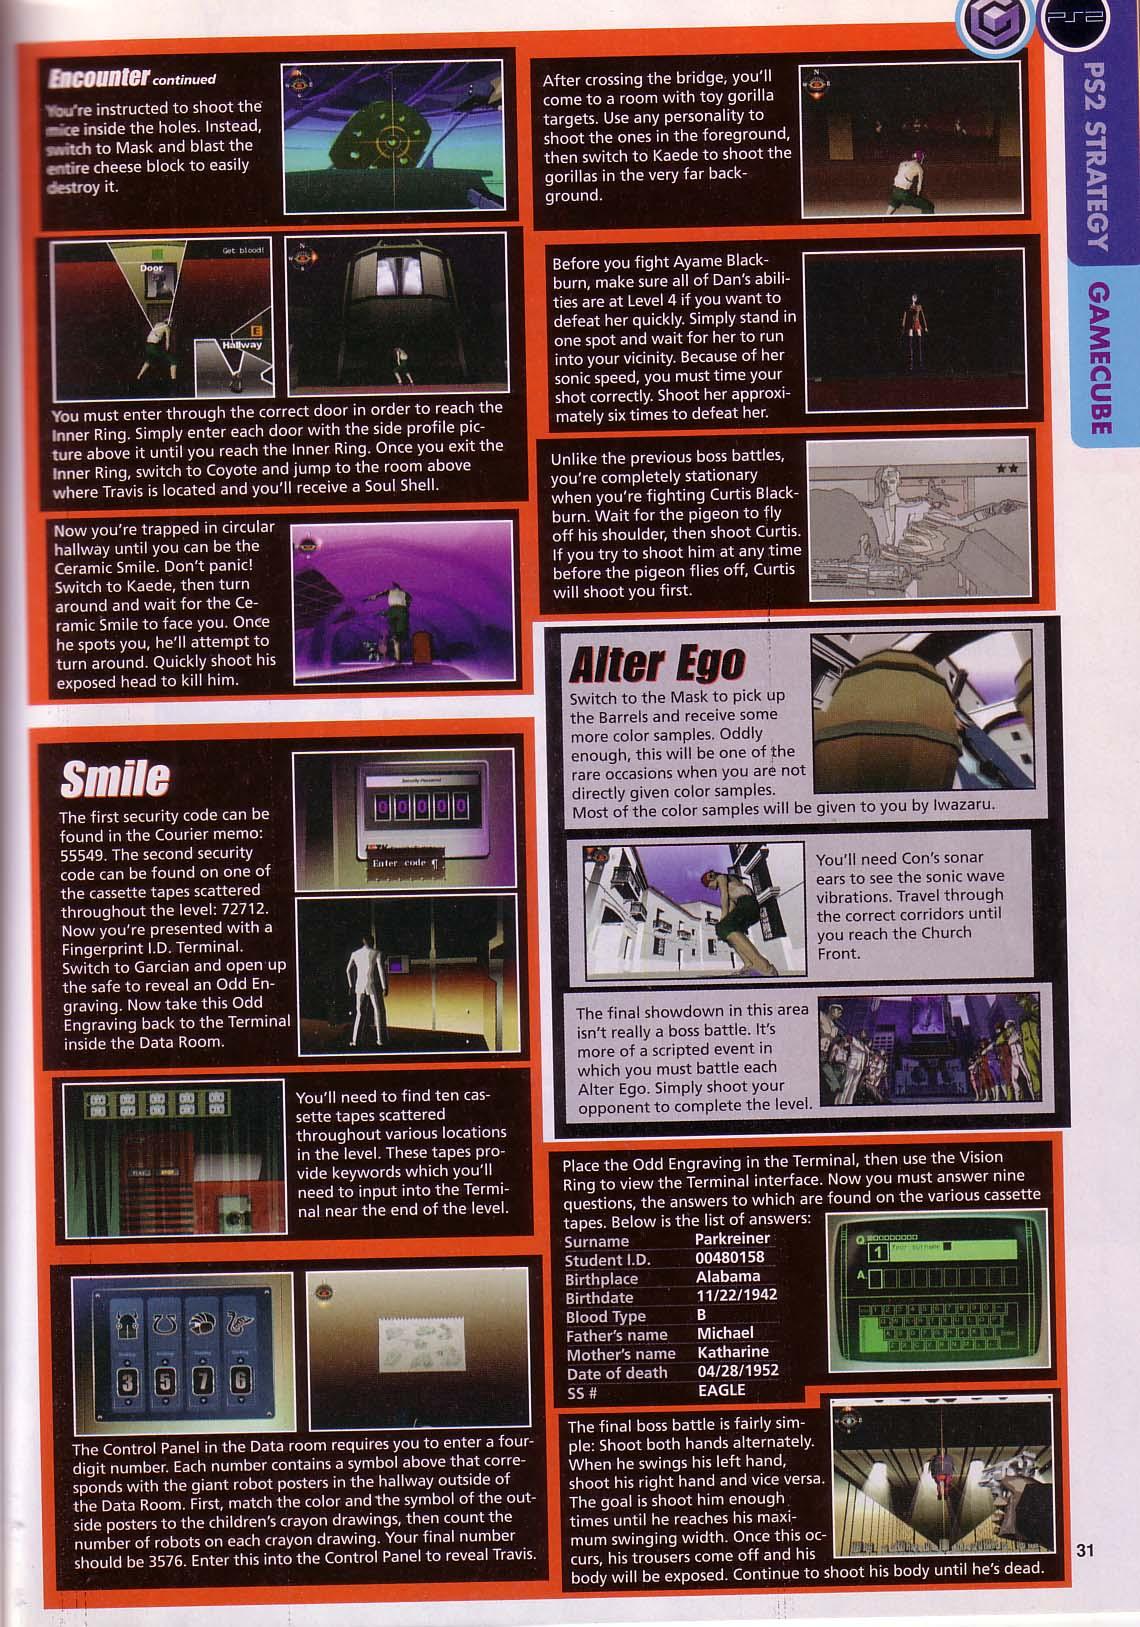 TipsandTricks_Aug_2005_Killer7_pg3_Strategy.jpg